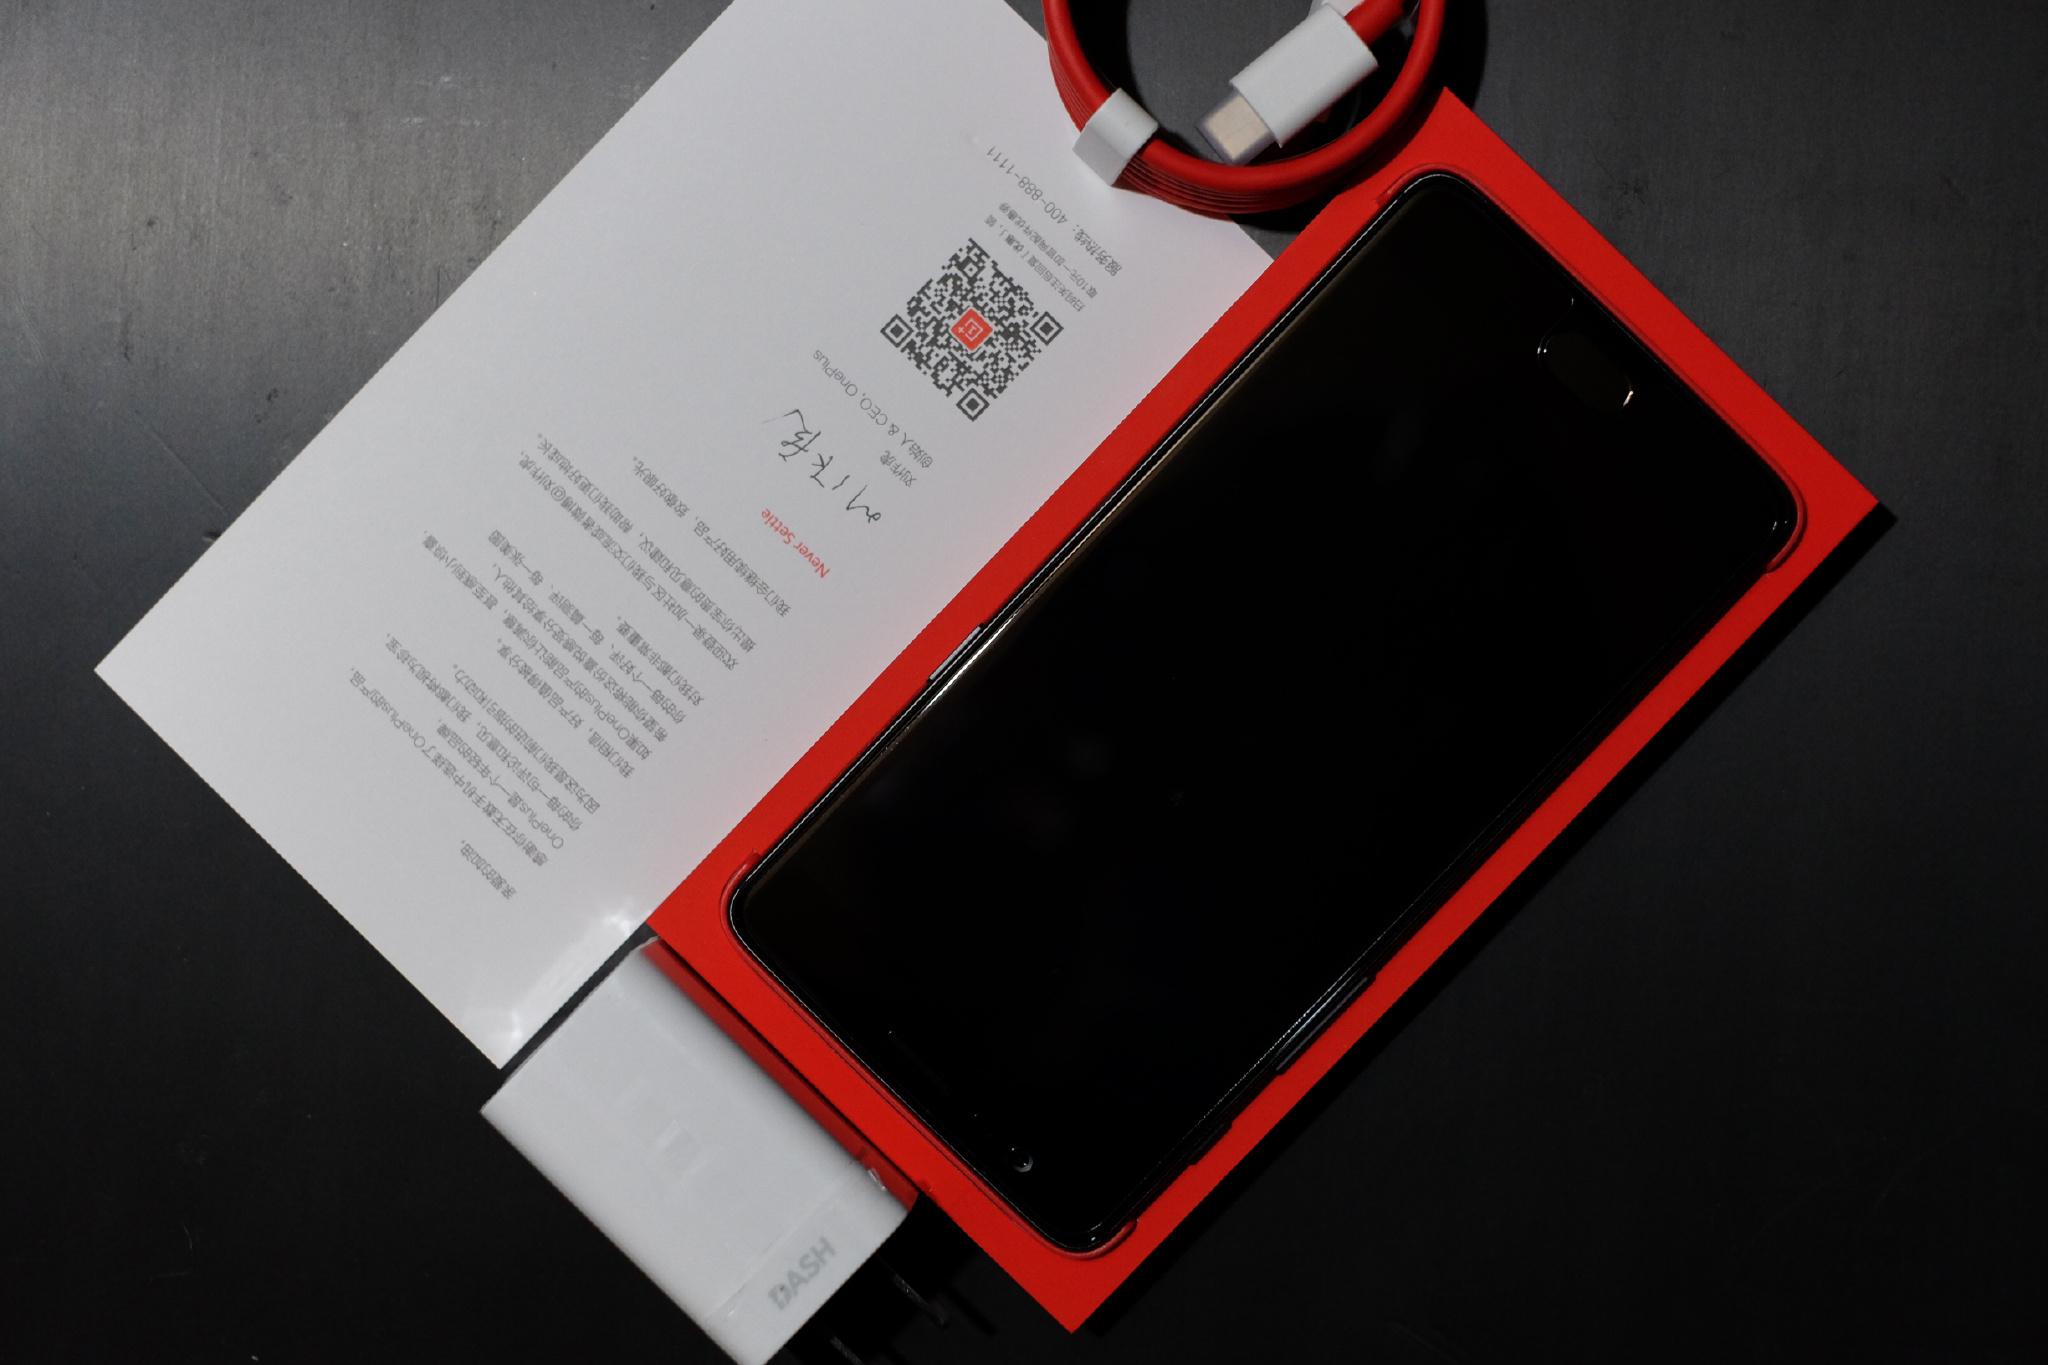 感谢加油「kkiill3」出品的 OnePlus 3T 深度体验文,猛戳:http://t.cn/R